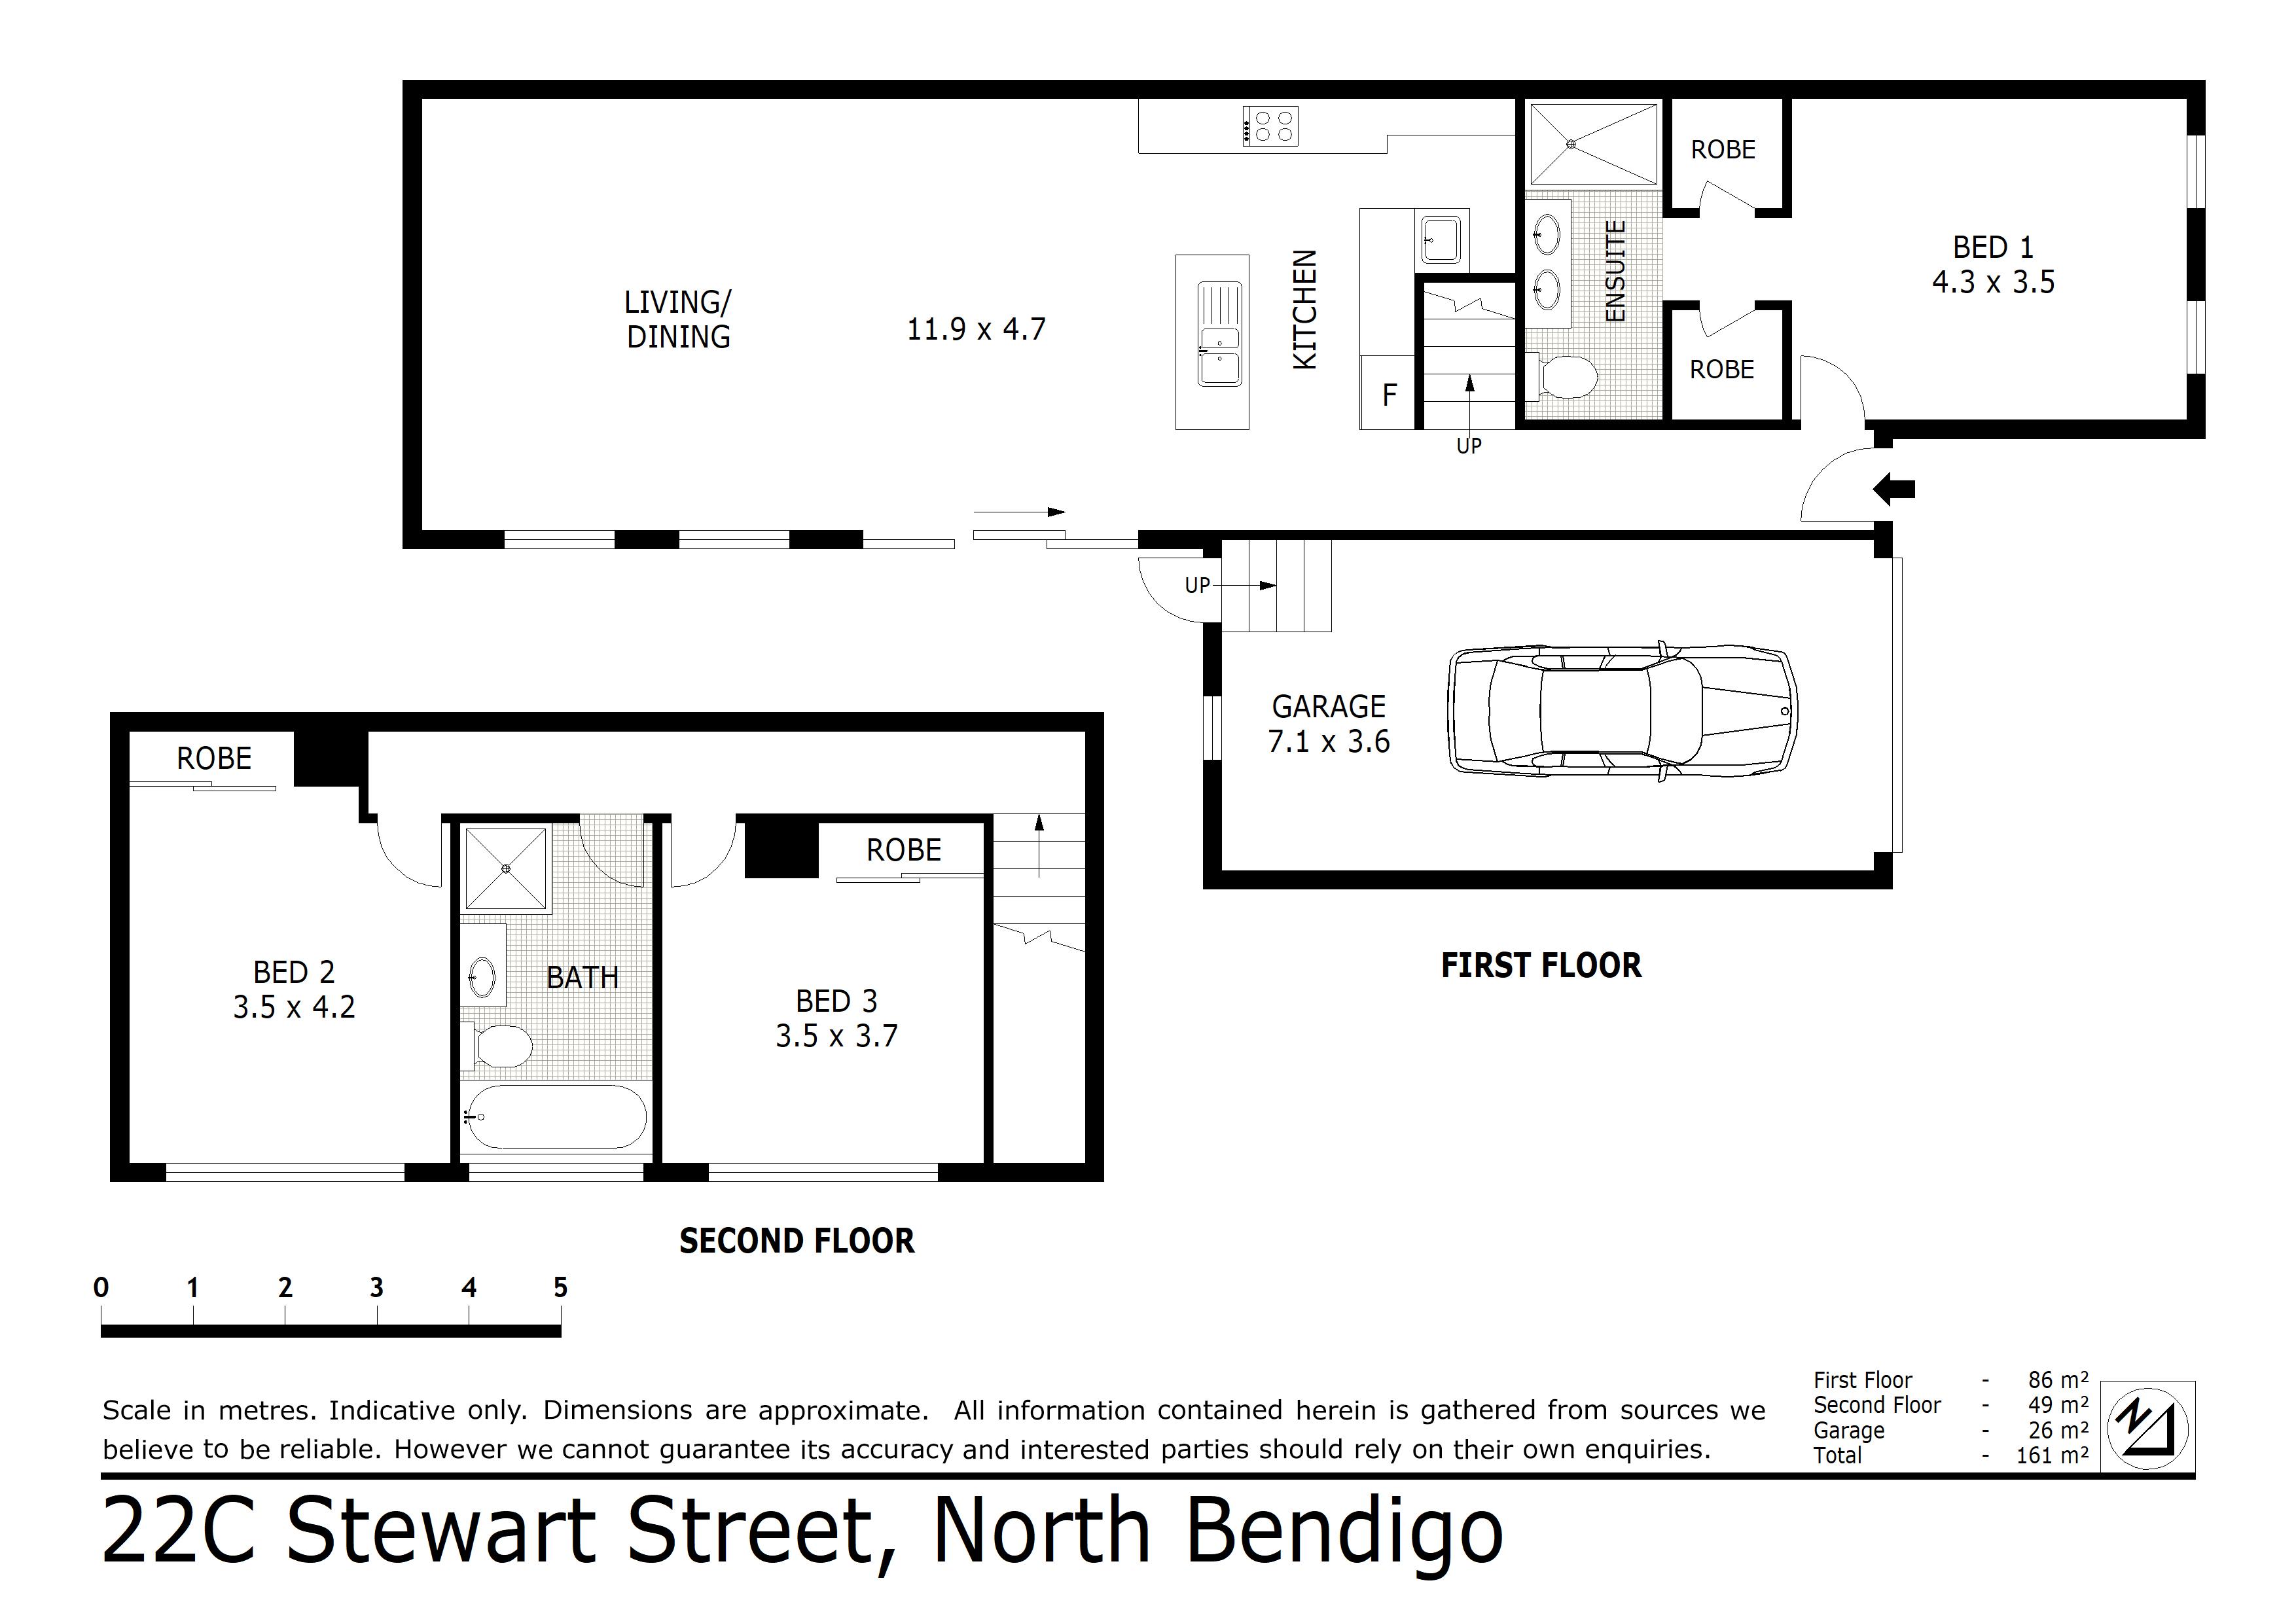 22C Stewart Street, North Bendigo, VIC 3550